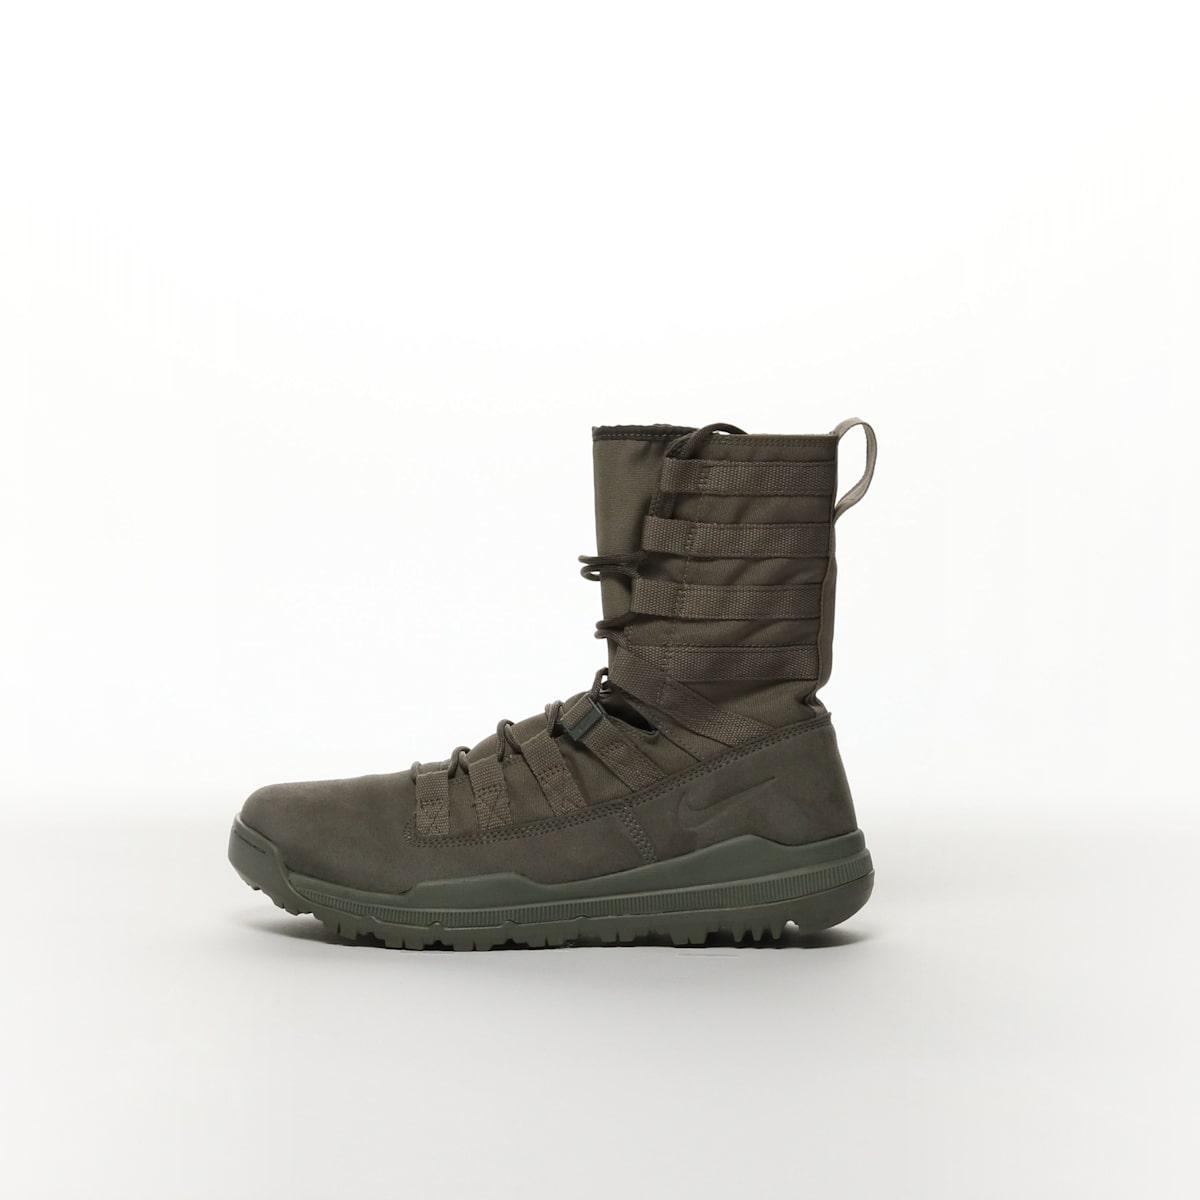 9c0d8636c17d Nike SFB Gen 2 8